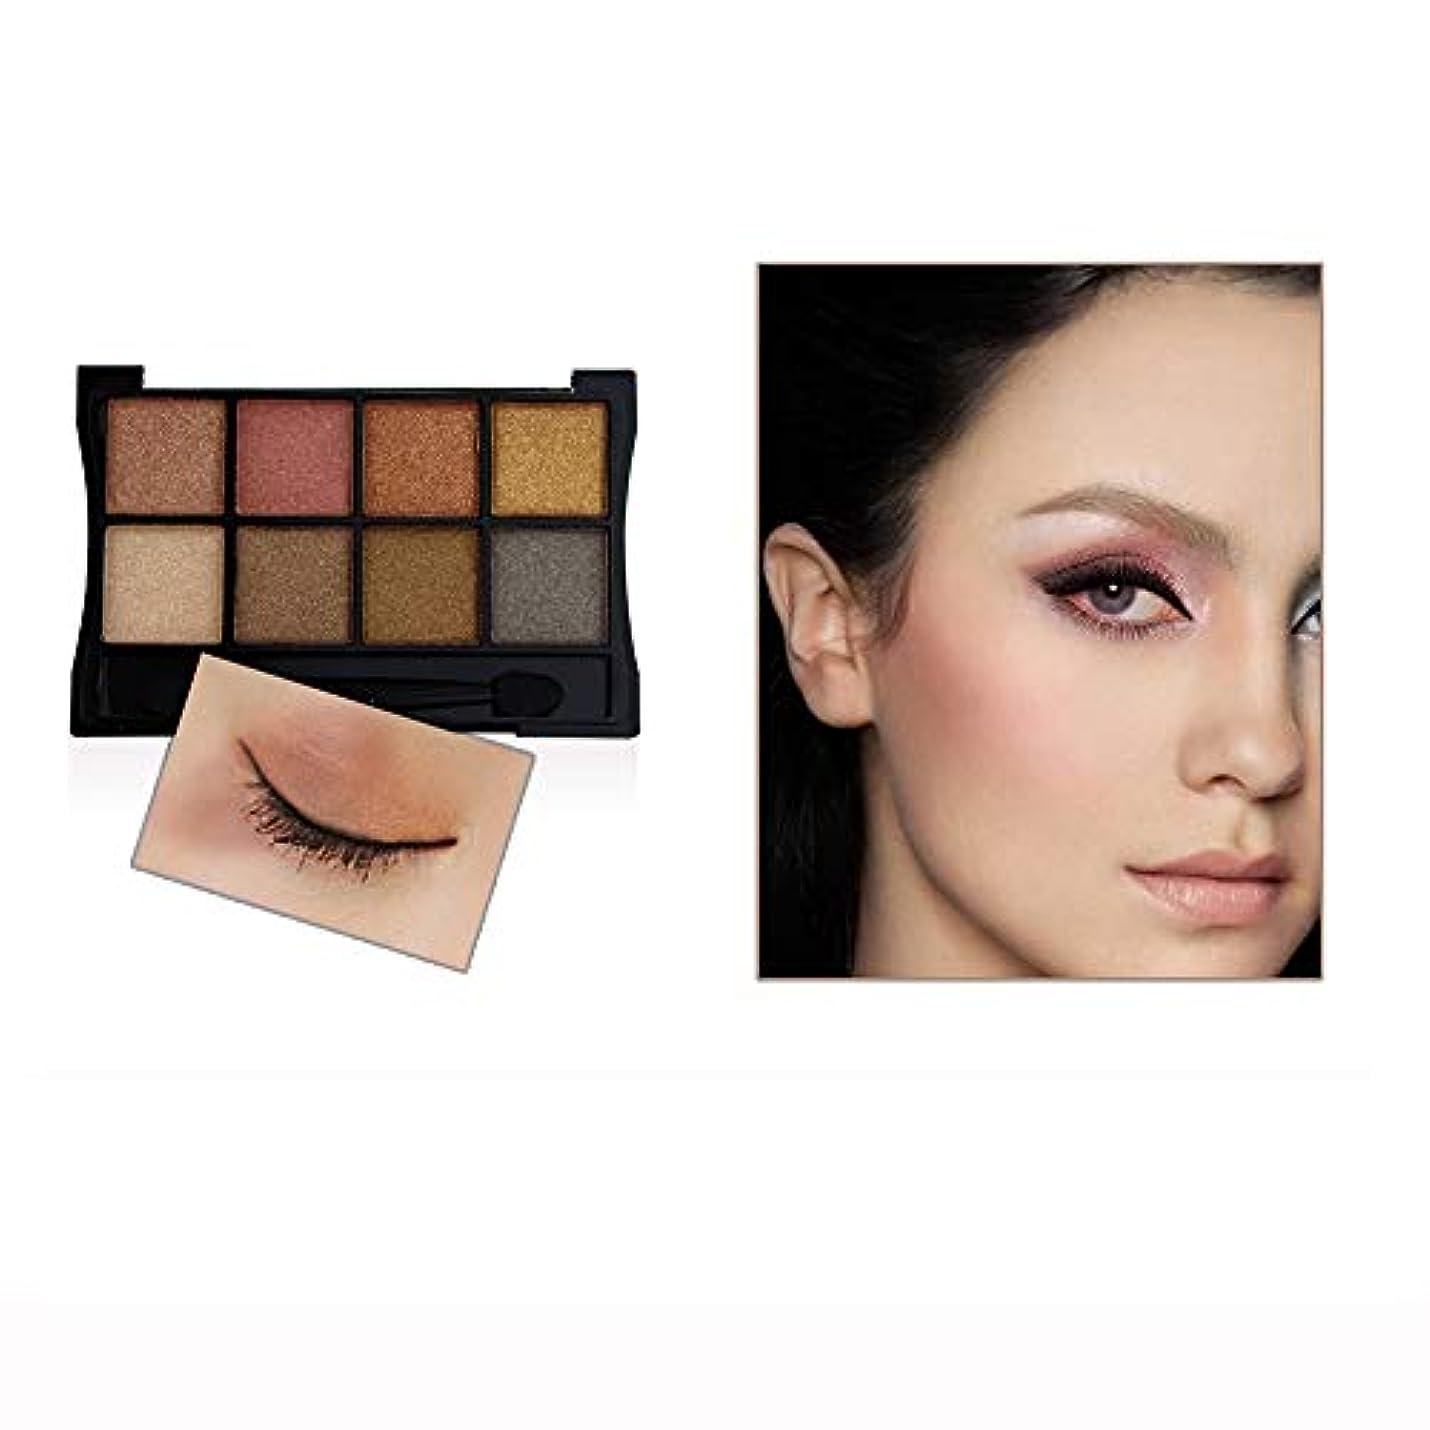 変更マインドフルモロニックAkane アイシャドウパレット BOUB ファッション 魅力的 スモーキー 人気 綺麗 マット チャーム つや消し 長持ち おしゃれ 持ち便利 日常 仕事 Eye Shadow (8色)